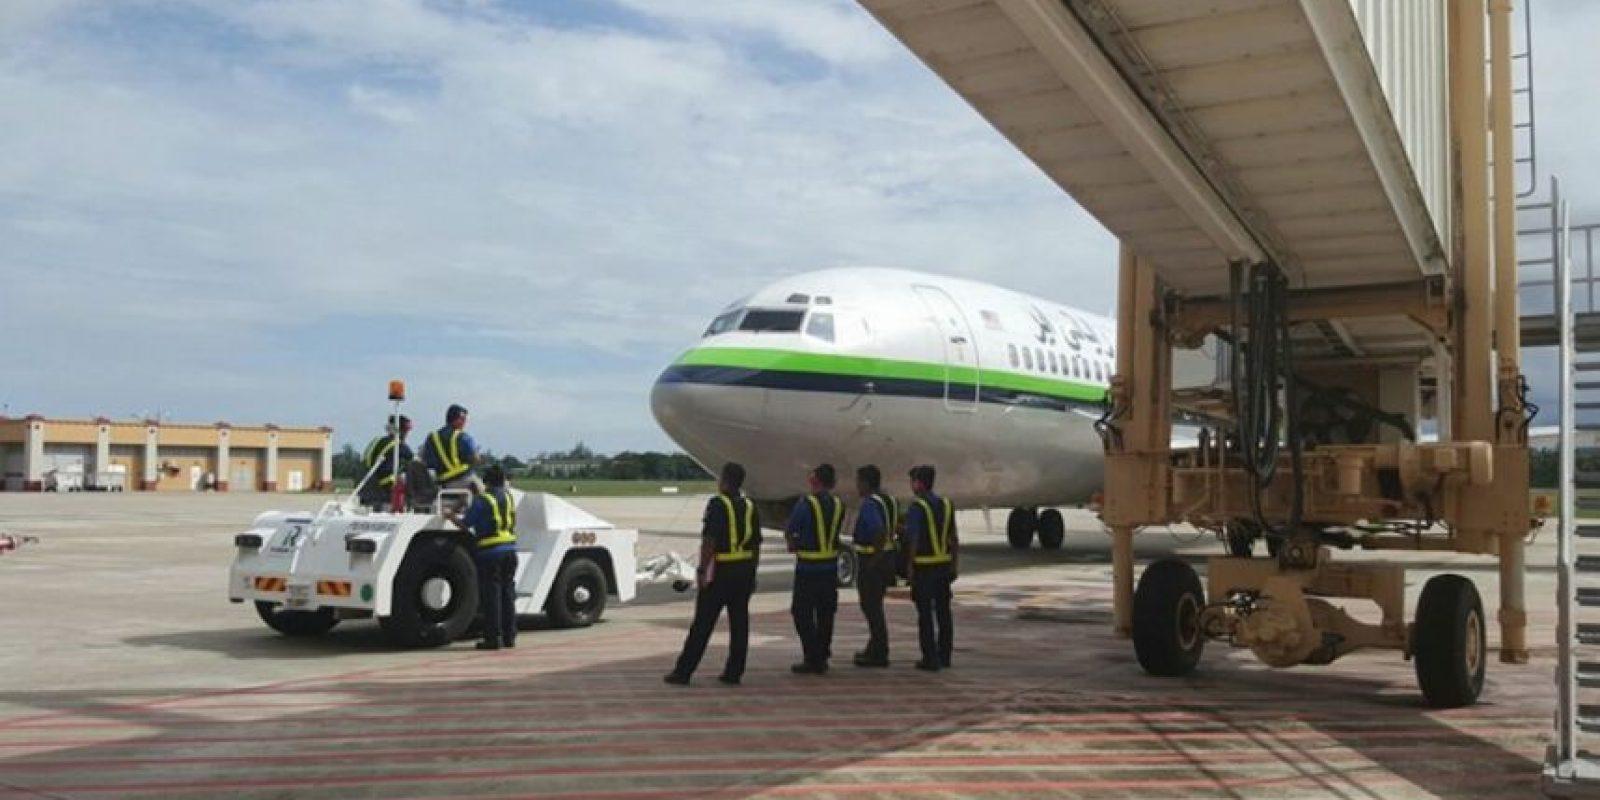 Los pasajeros también tendrán que cumplir con un nuevo código de vestimenta. Foto:Vía facebook.com/OfficialRayaniAir